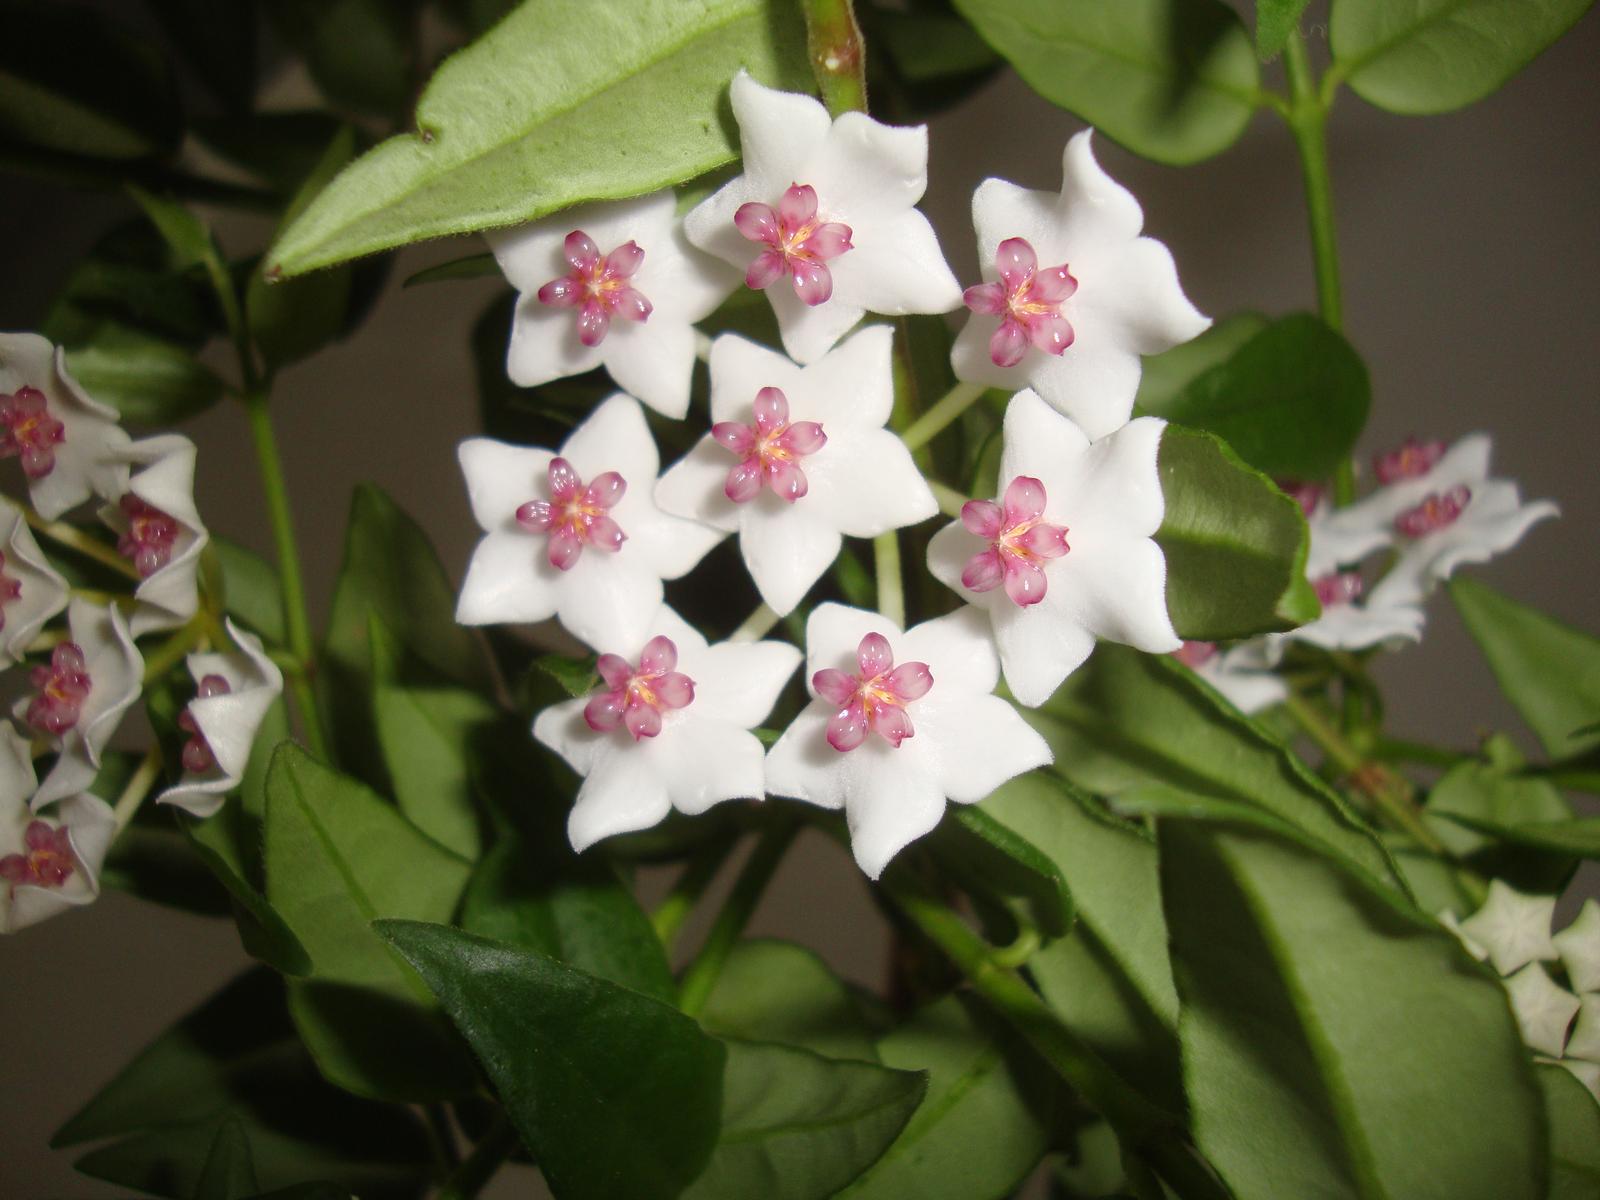 Hoya bella - Obrázok č. 1